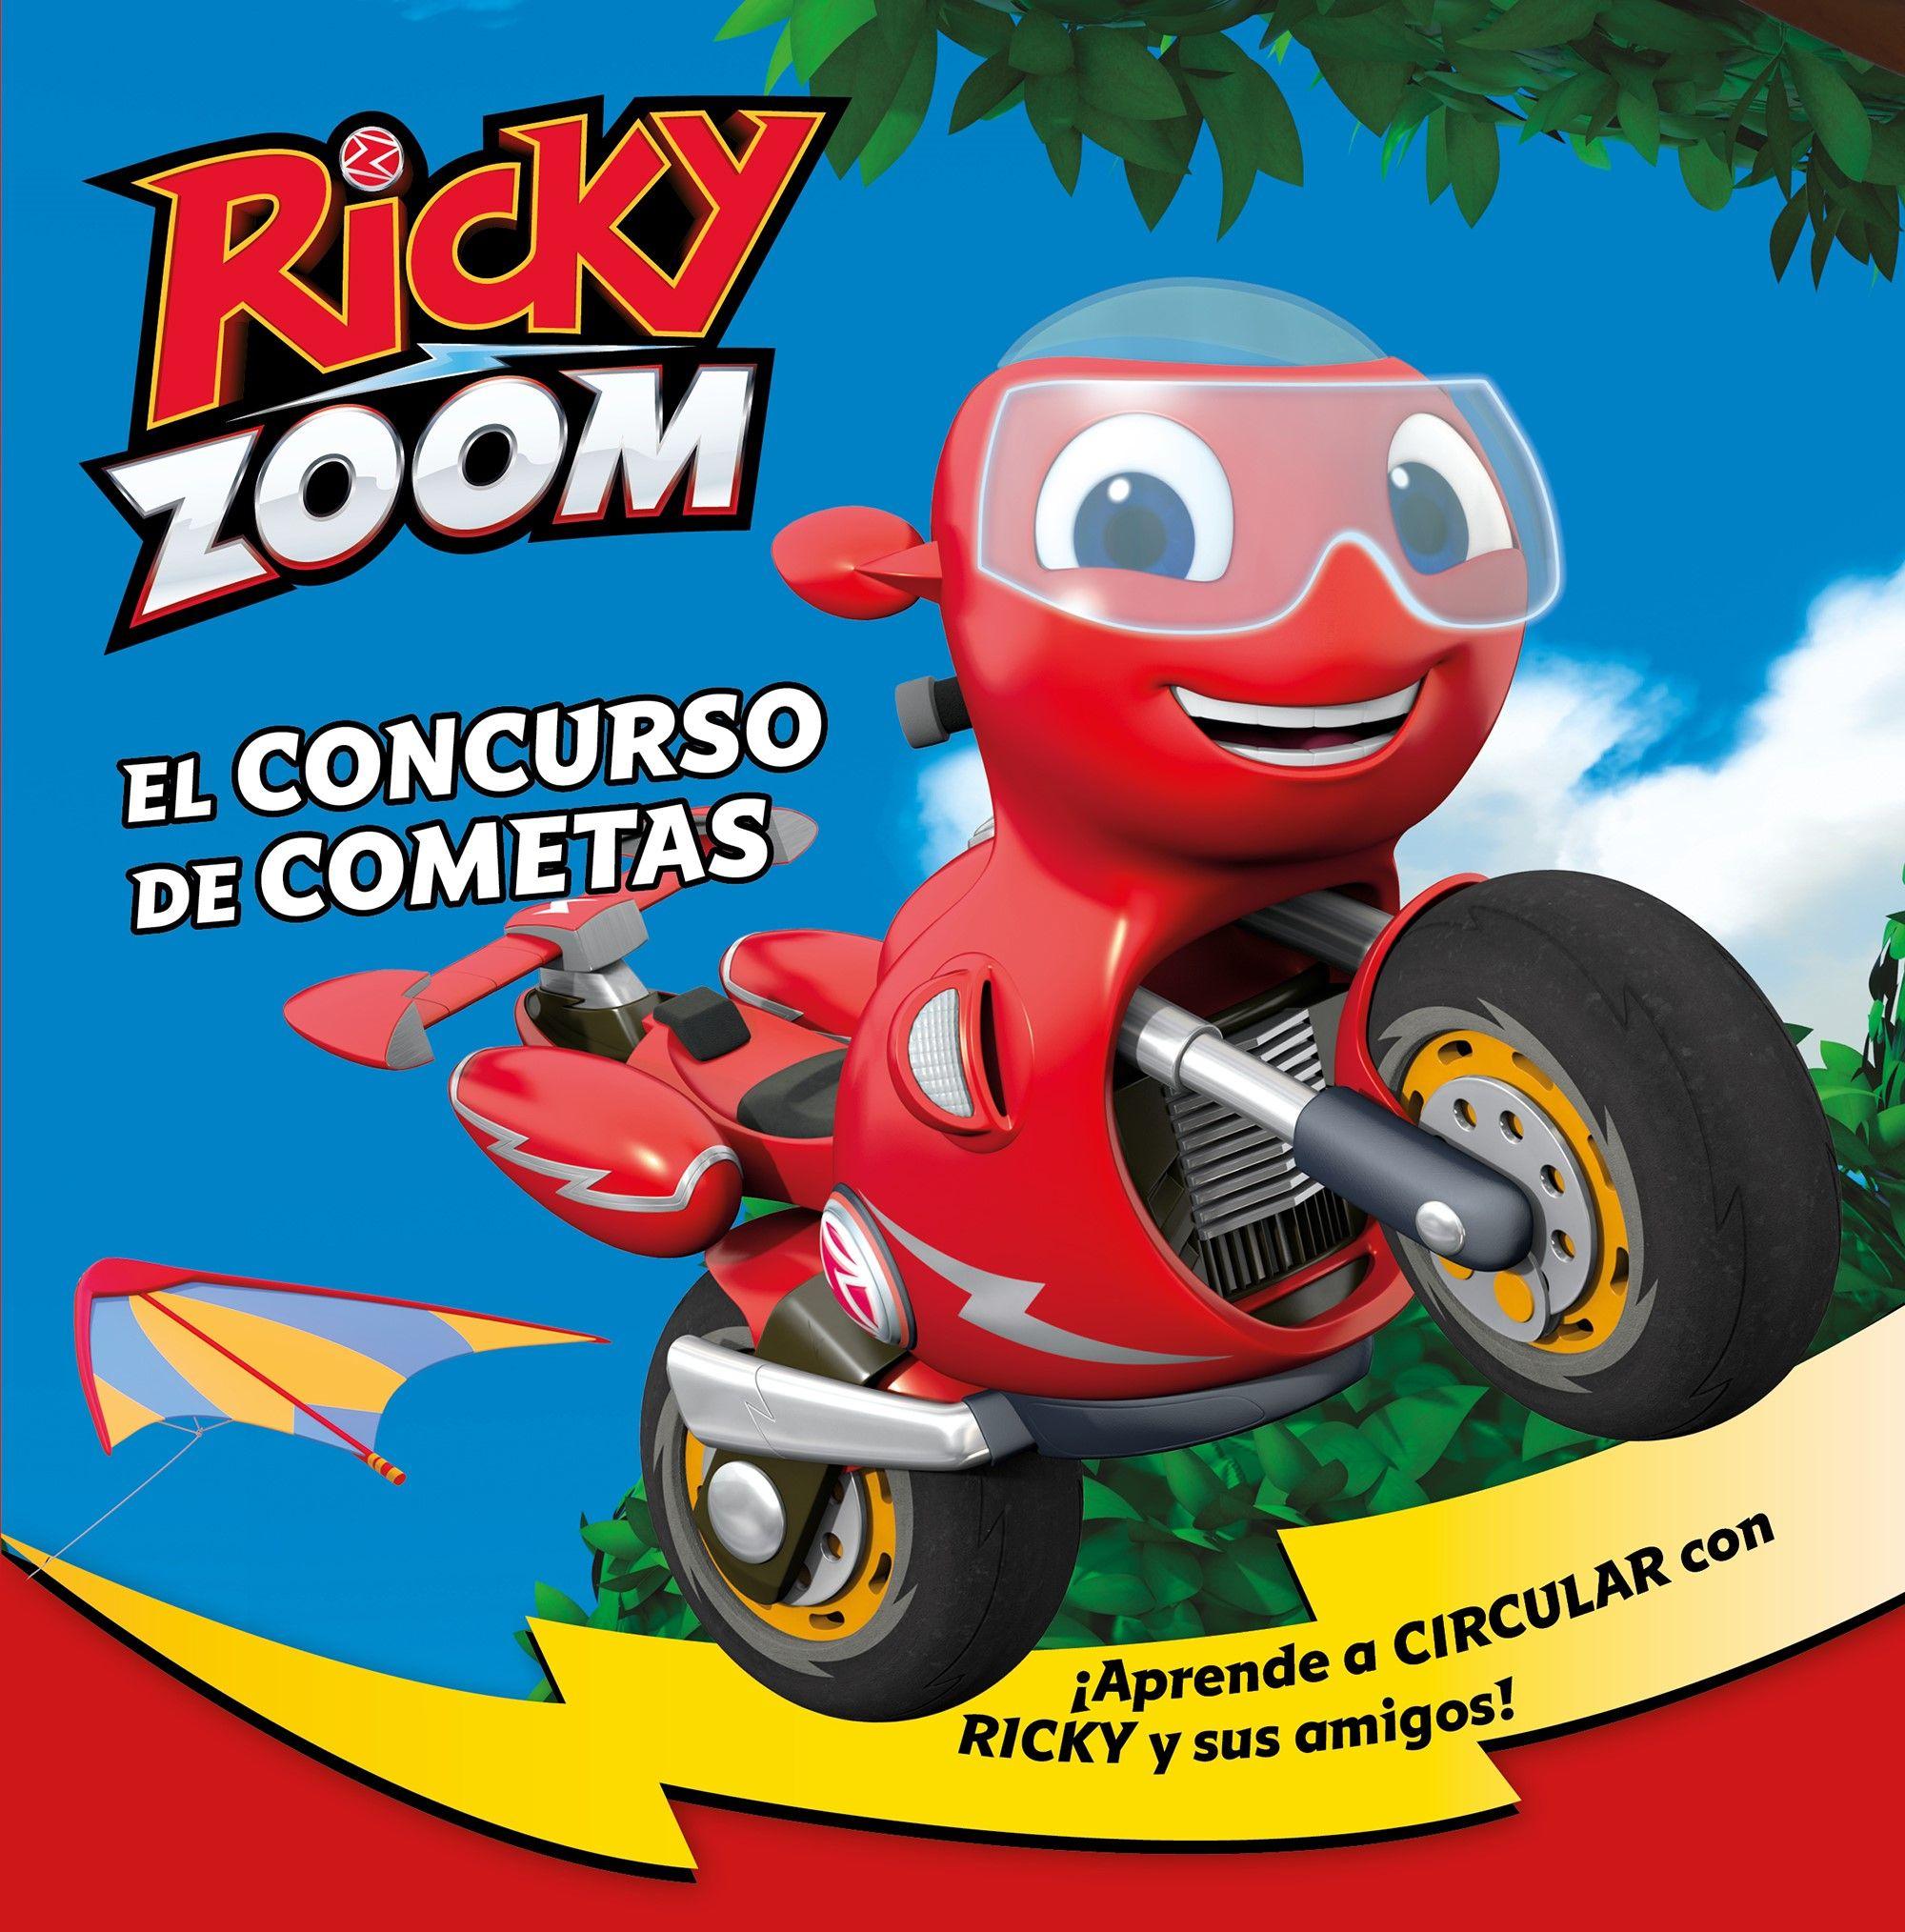 RICKY ZOOM 2 EL CONCURSO DE COMETAS